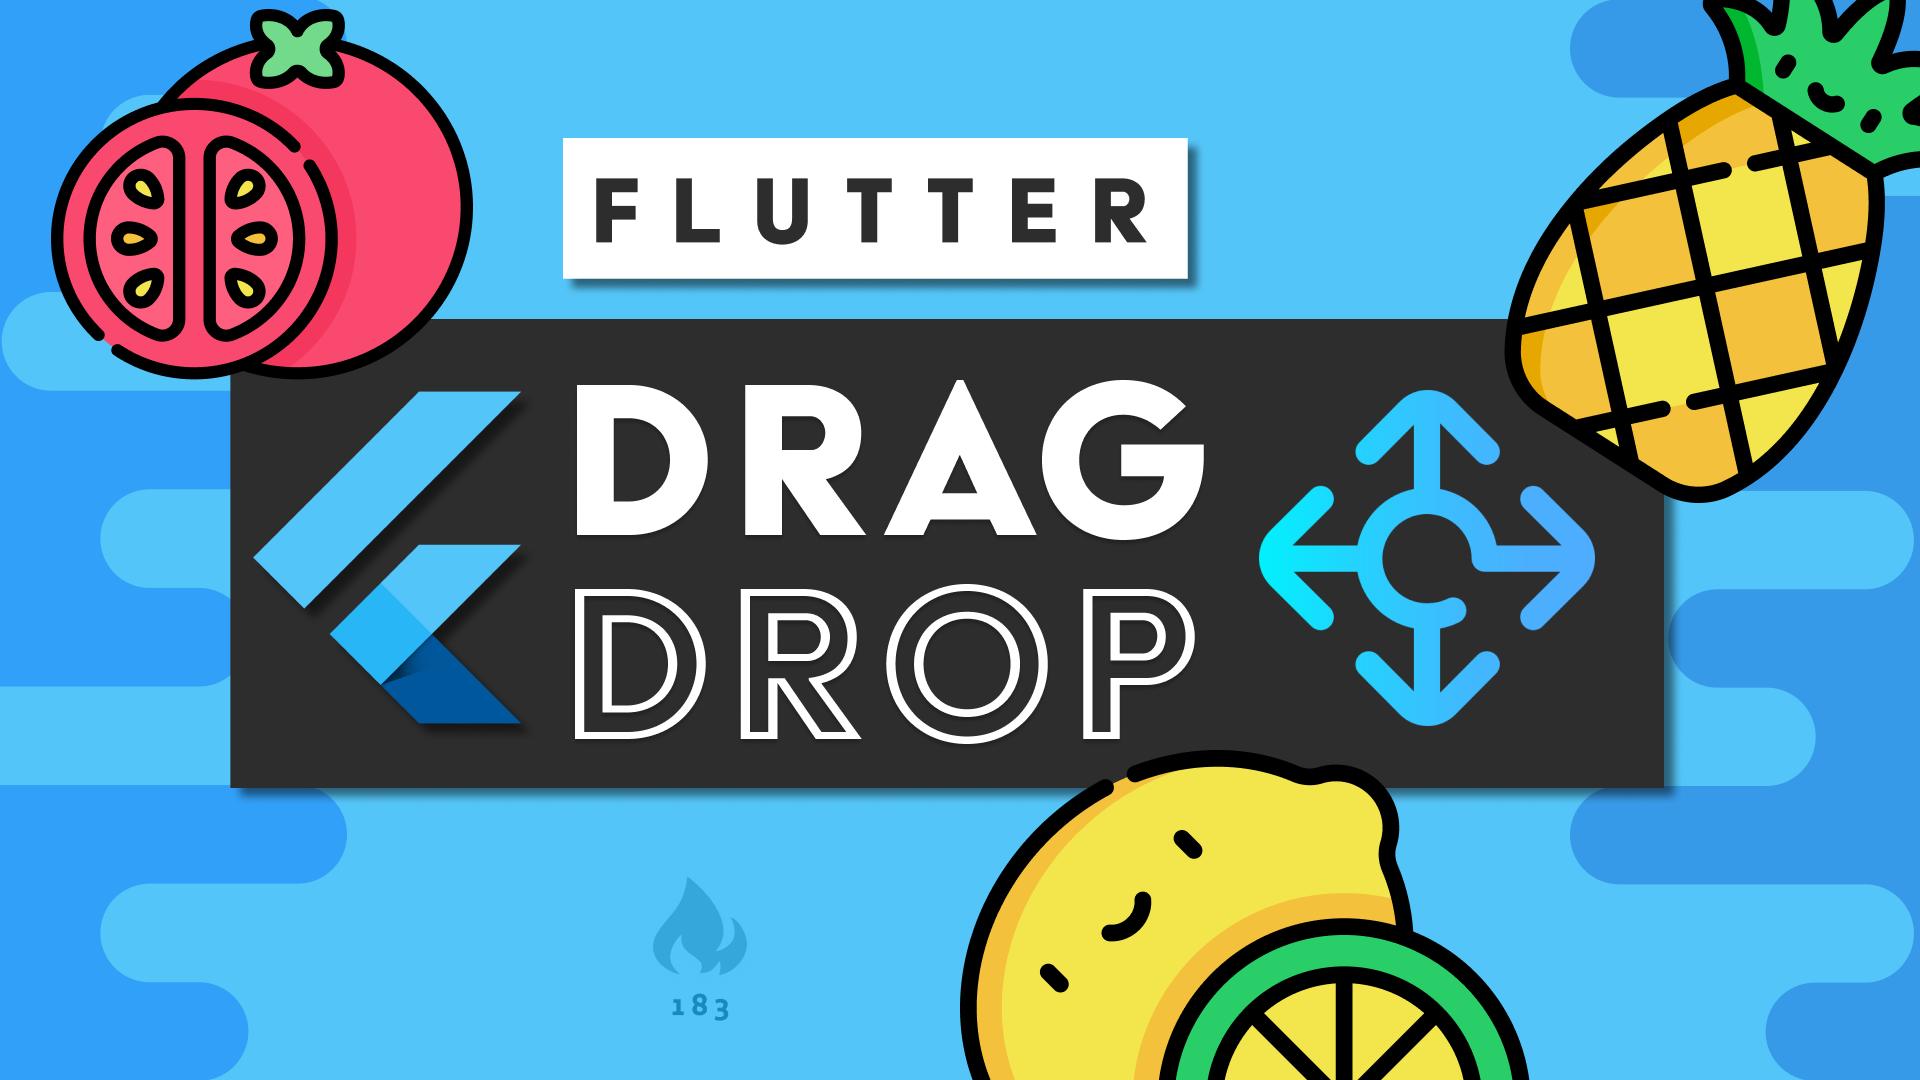 Flutter Drag and Drop Basics